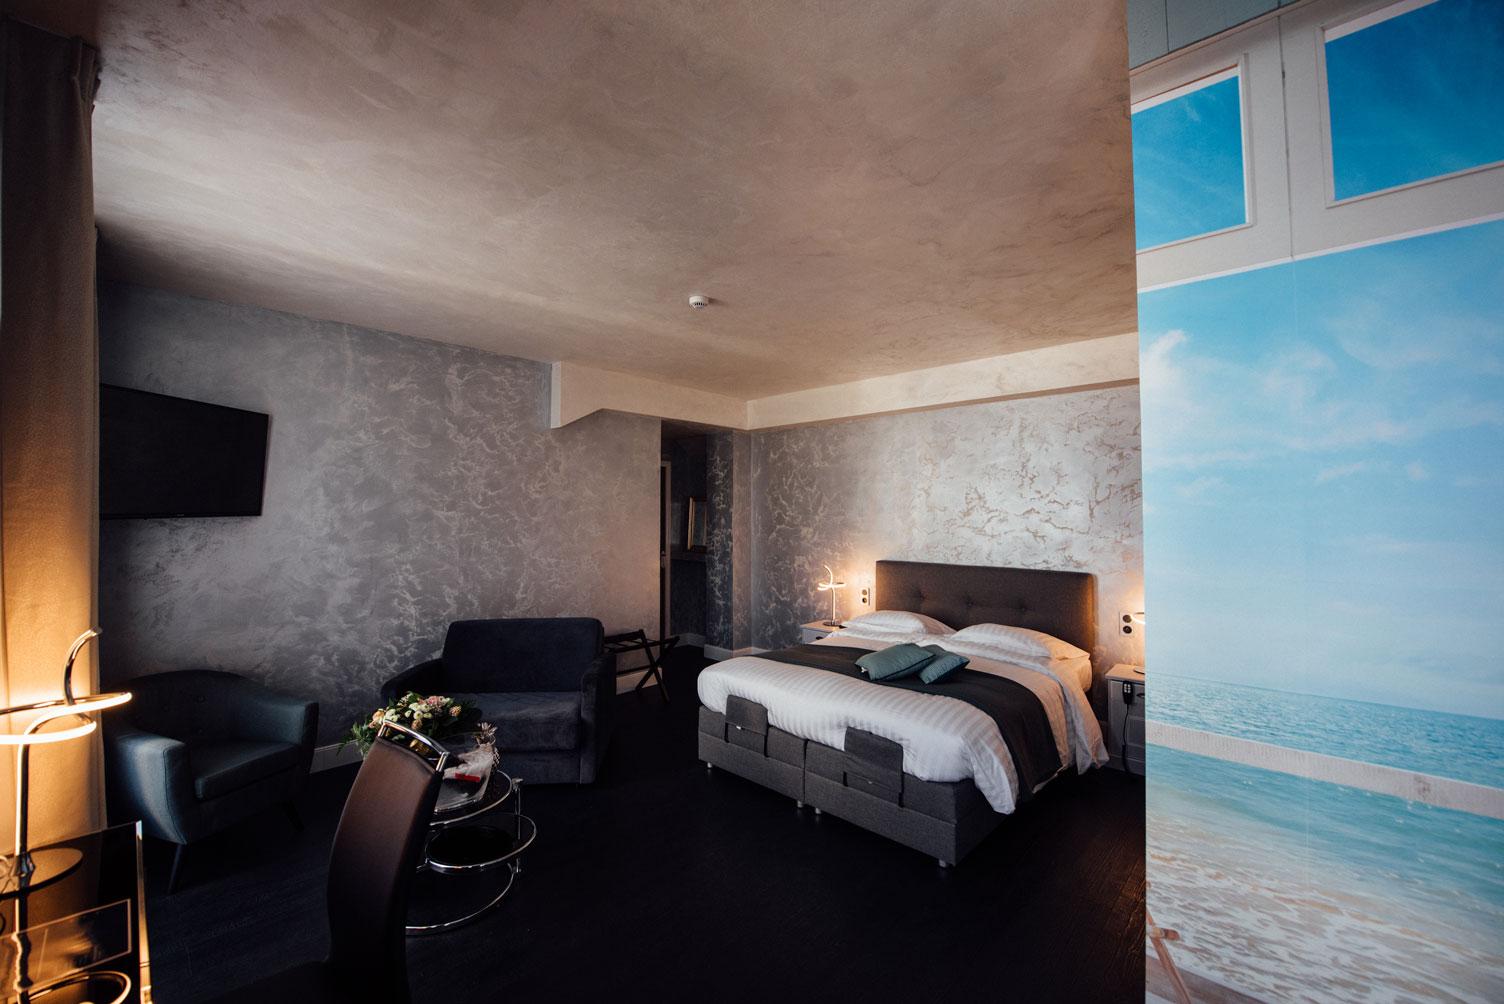 Suite Balnéo lit éléctrique 2 places télévision | Amirauté Hôtel La Baule